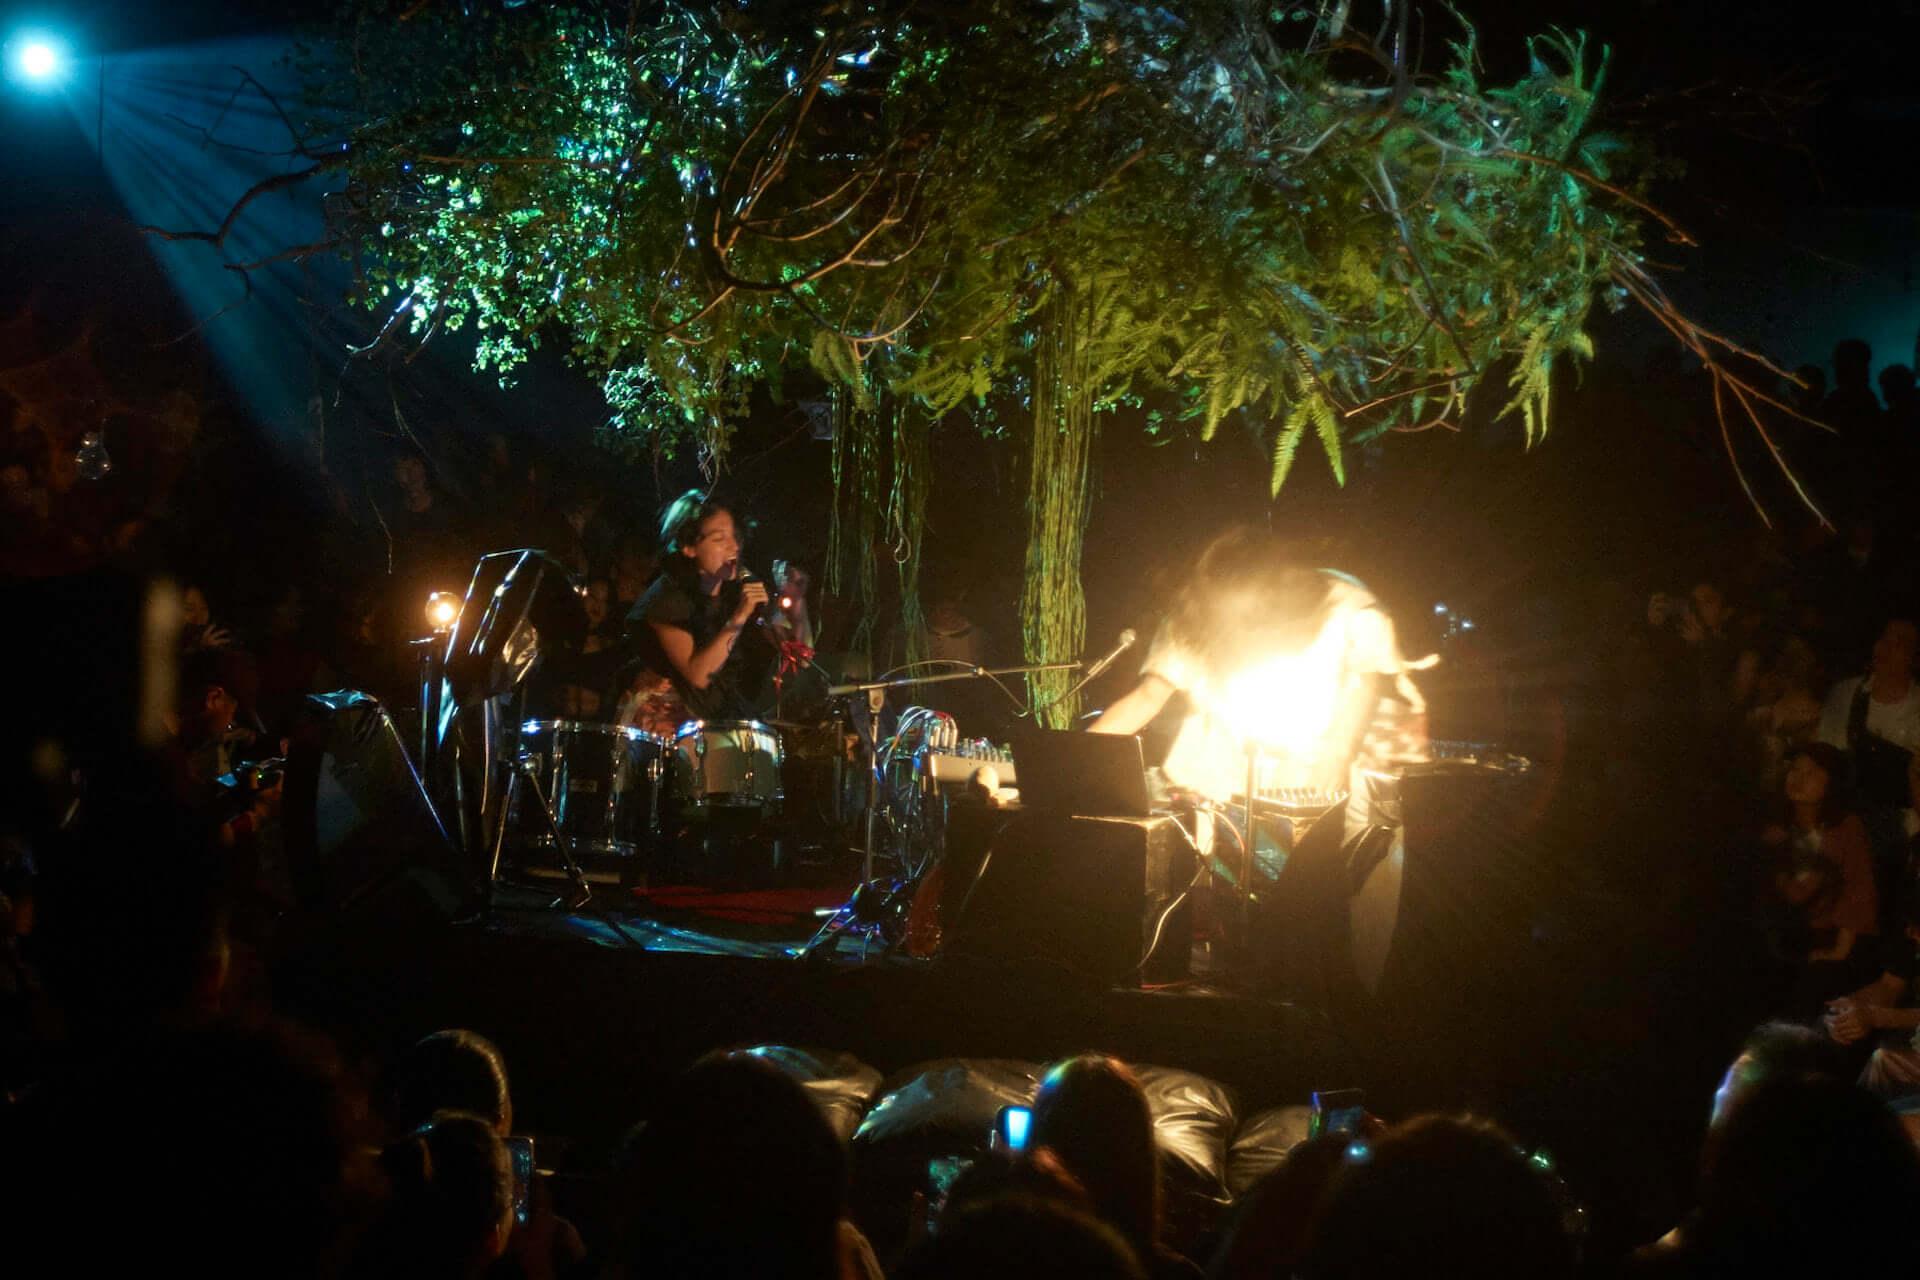 YAKUSHIMA TREASUREが、LIQUIDROOM15周年企画での初のワンマンライブの映像をYouTubeで無料公開! music200522_yakushimatreasure_02-1920x1280